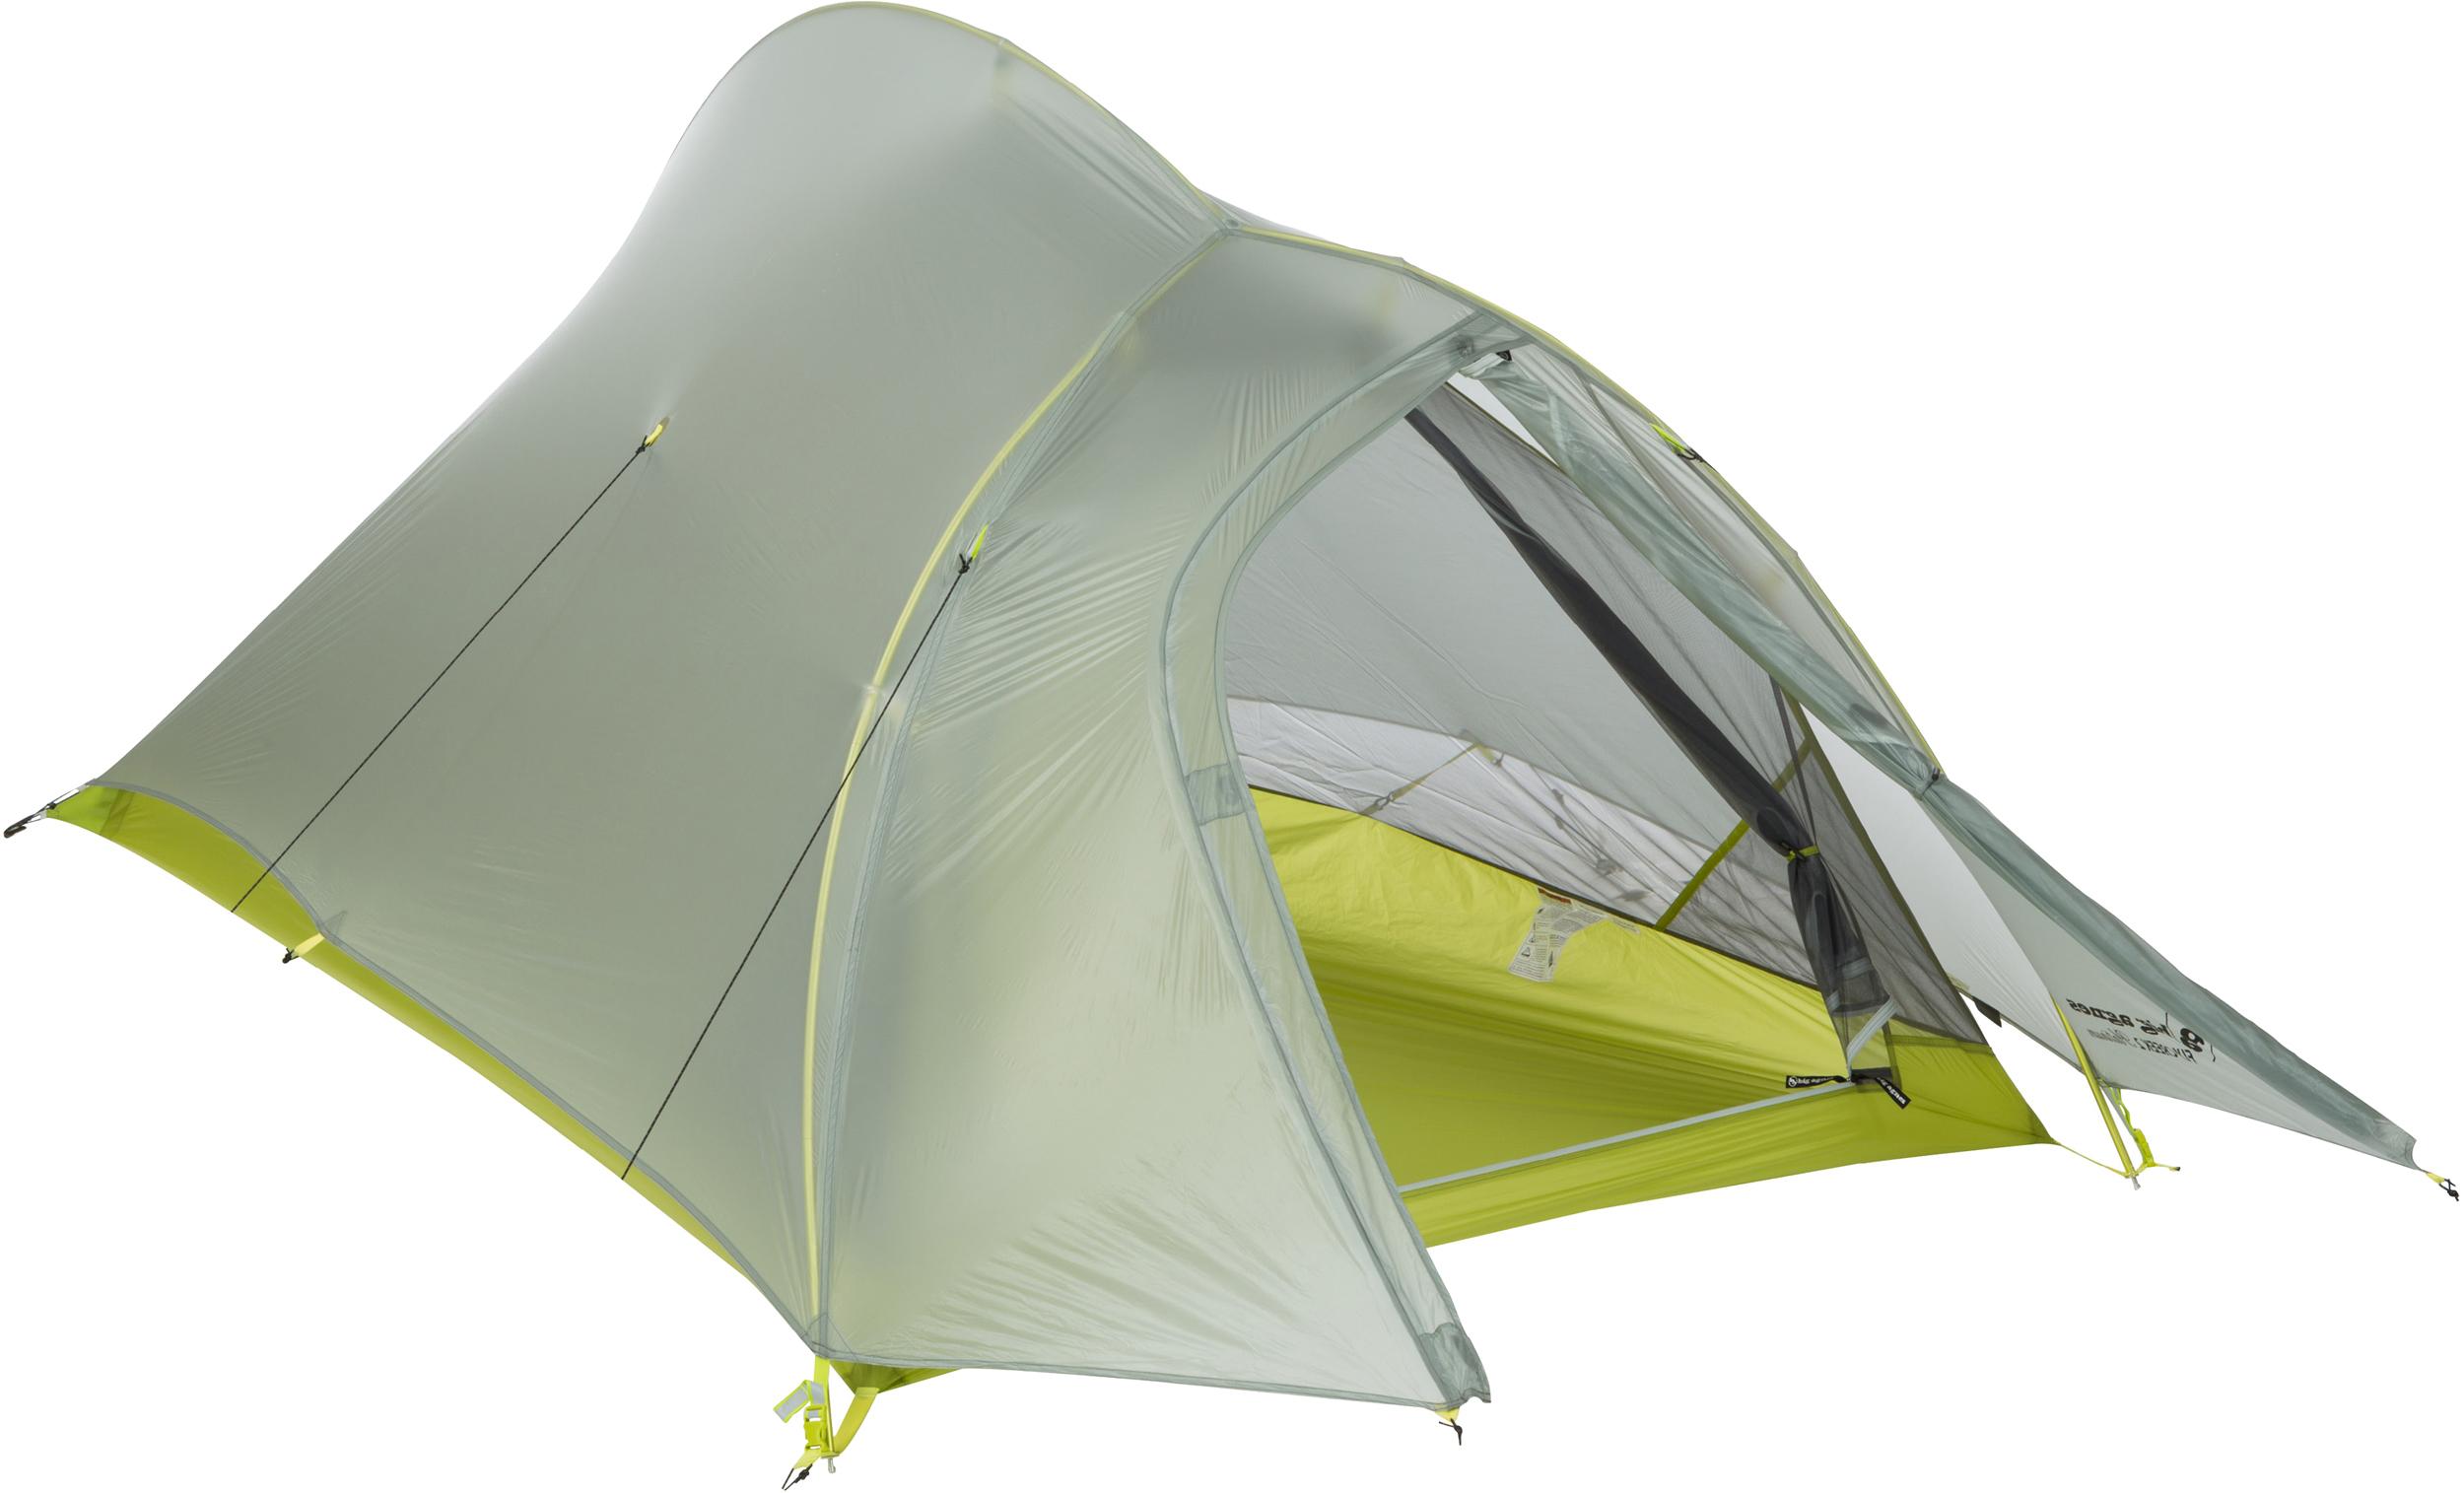 d243755b85 Big Agnes Fly Creek 2-Person Platinum Tent | MEC